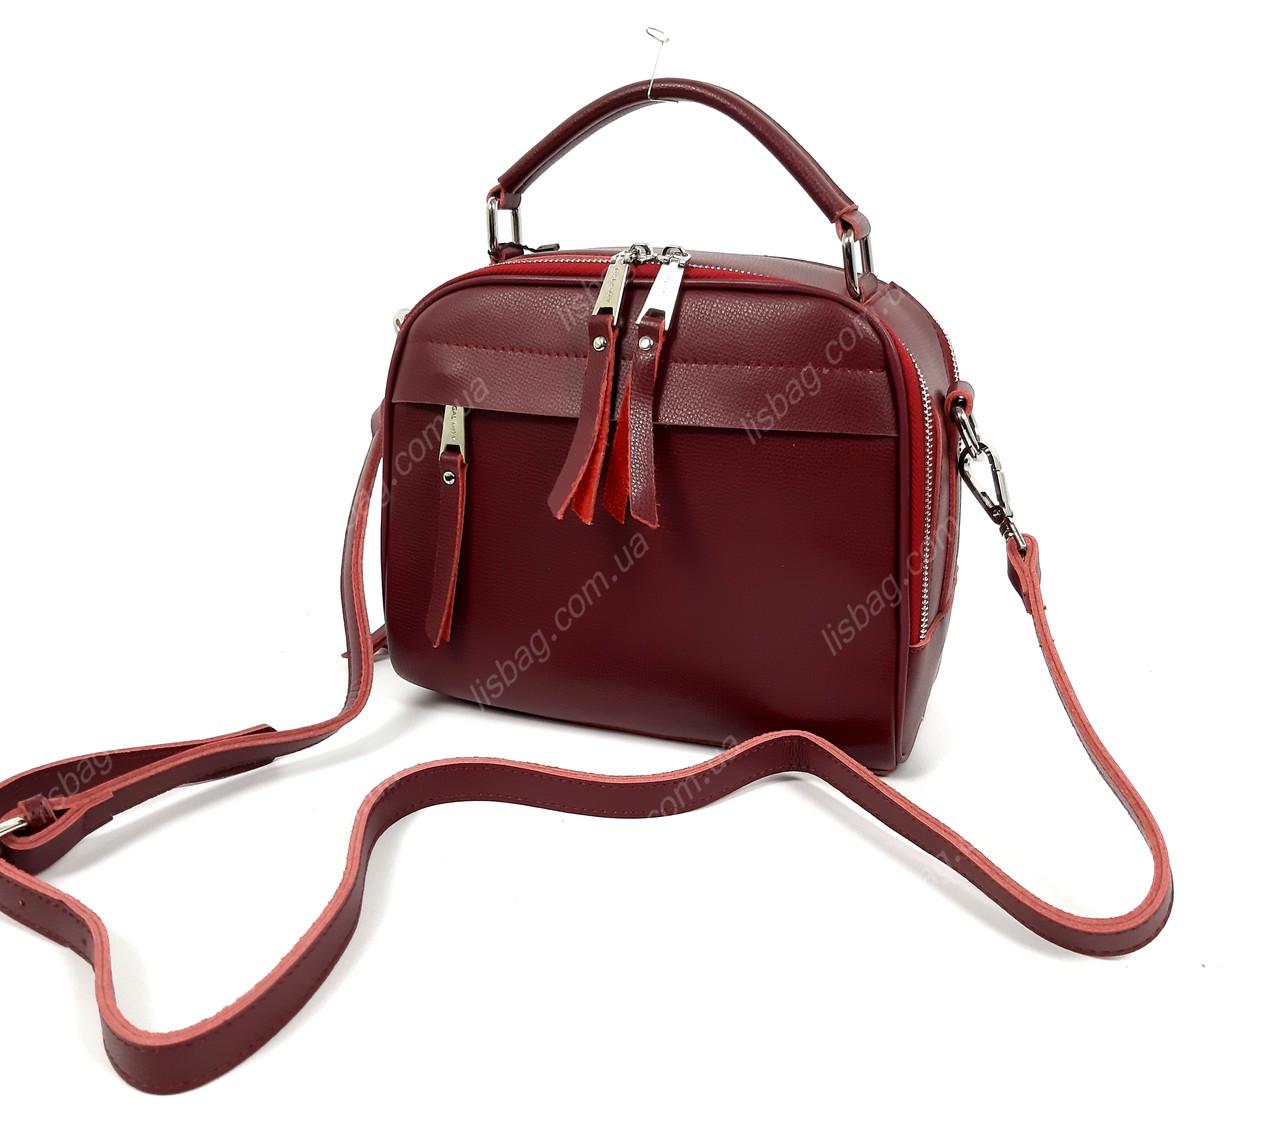 56cfaa61949b Бордовая кожаная сумка среднего размера - Интернет магазин Lisbag в Умани